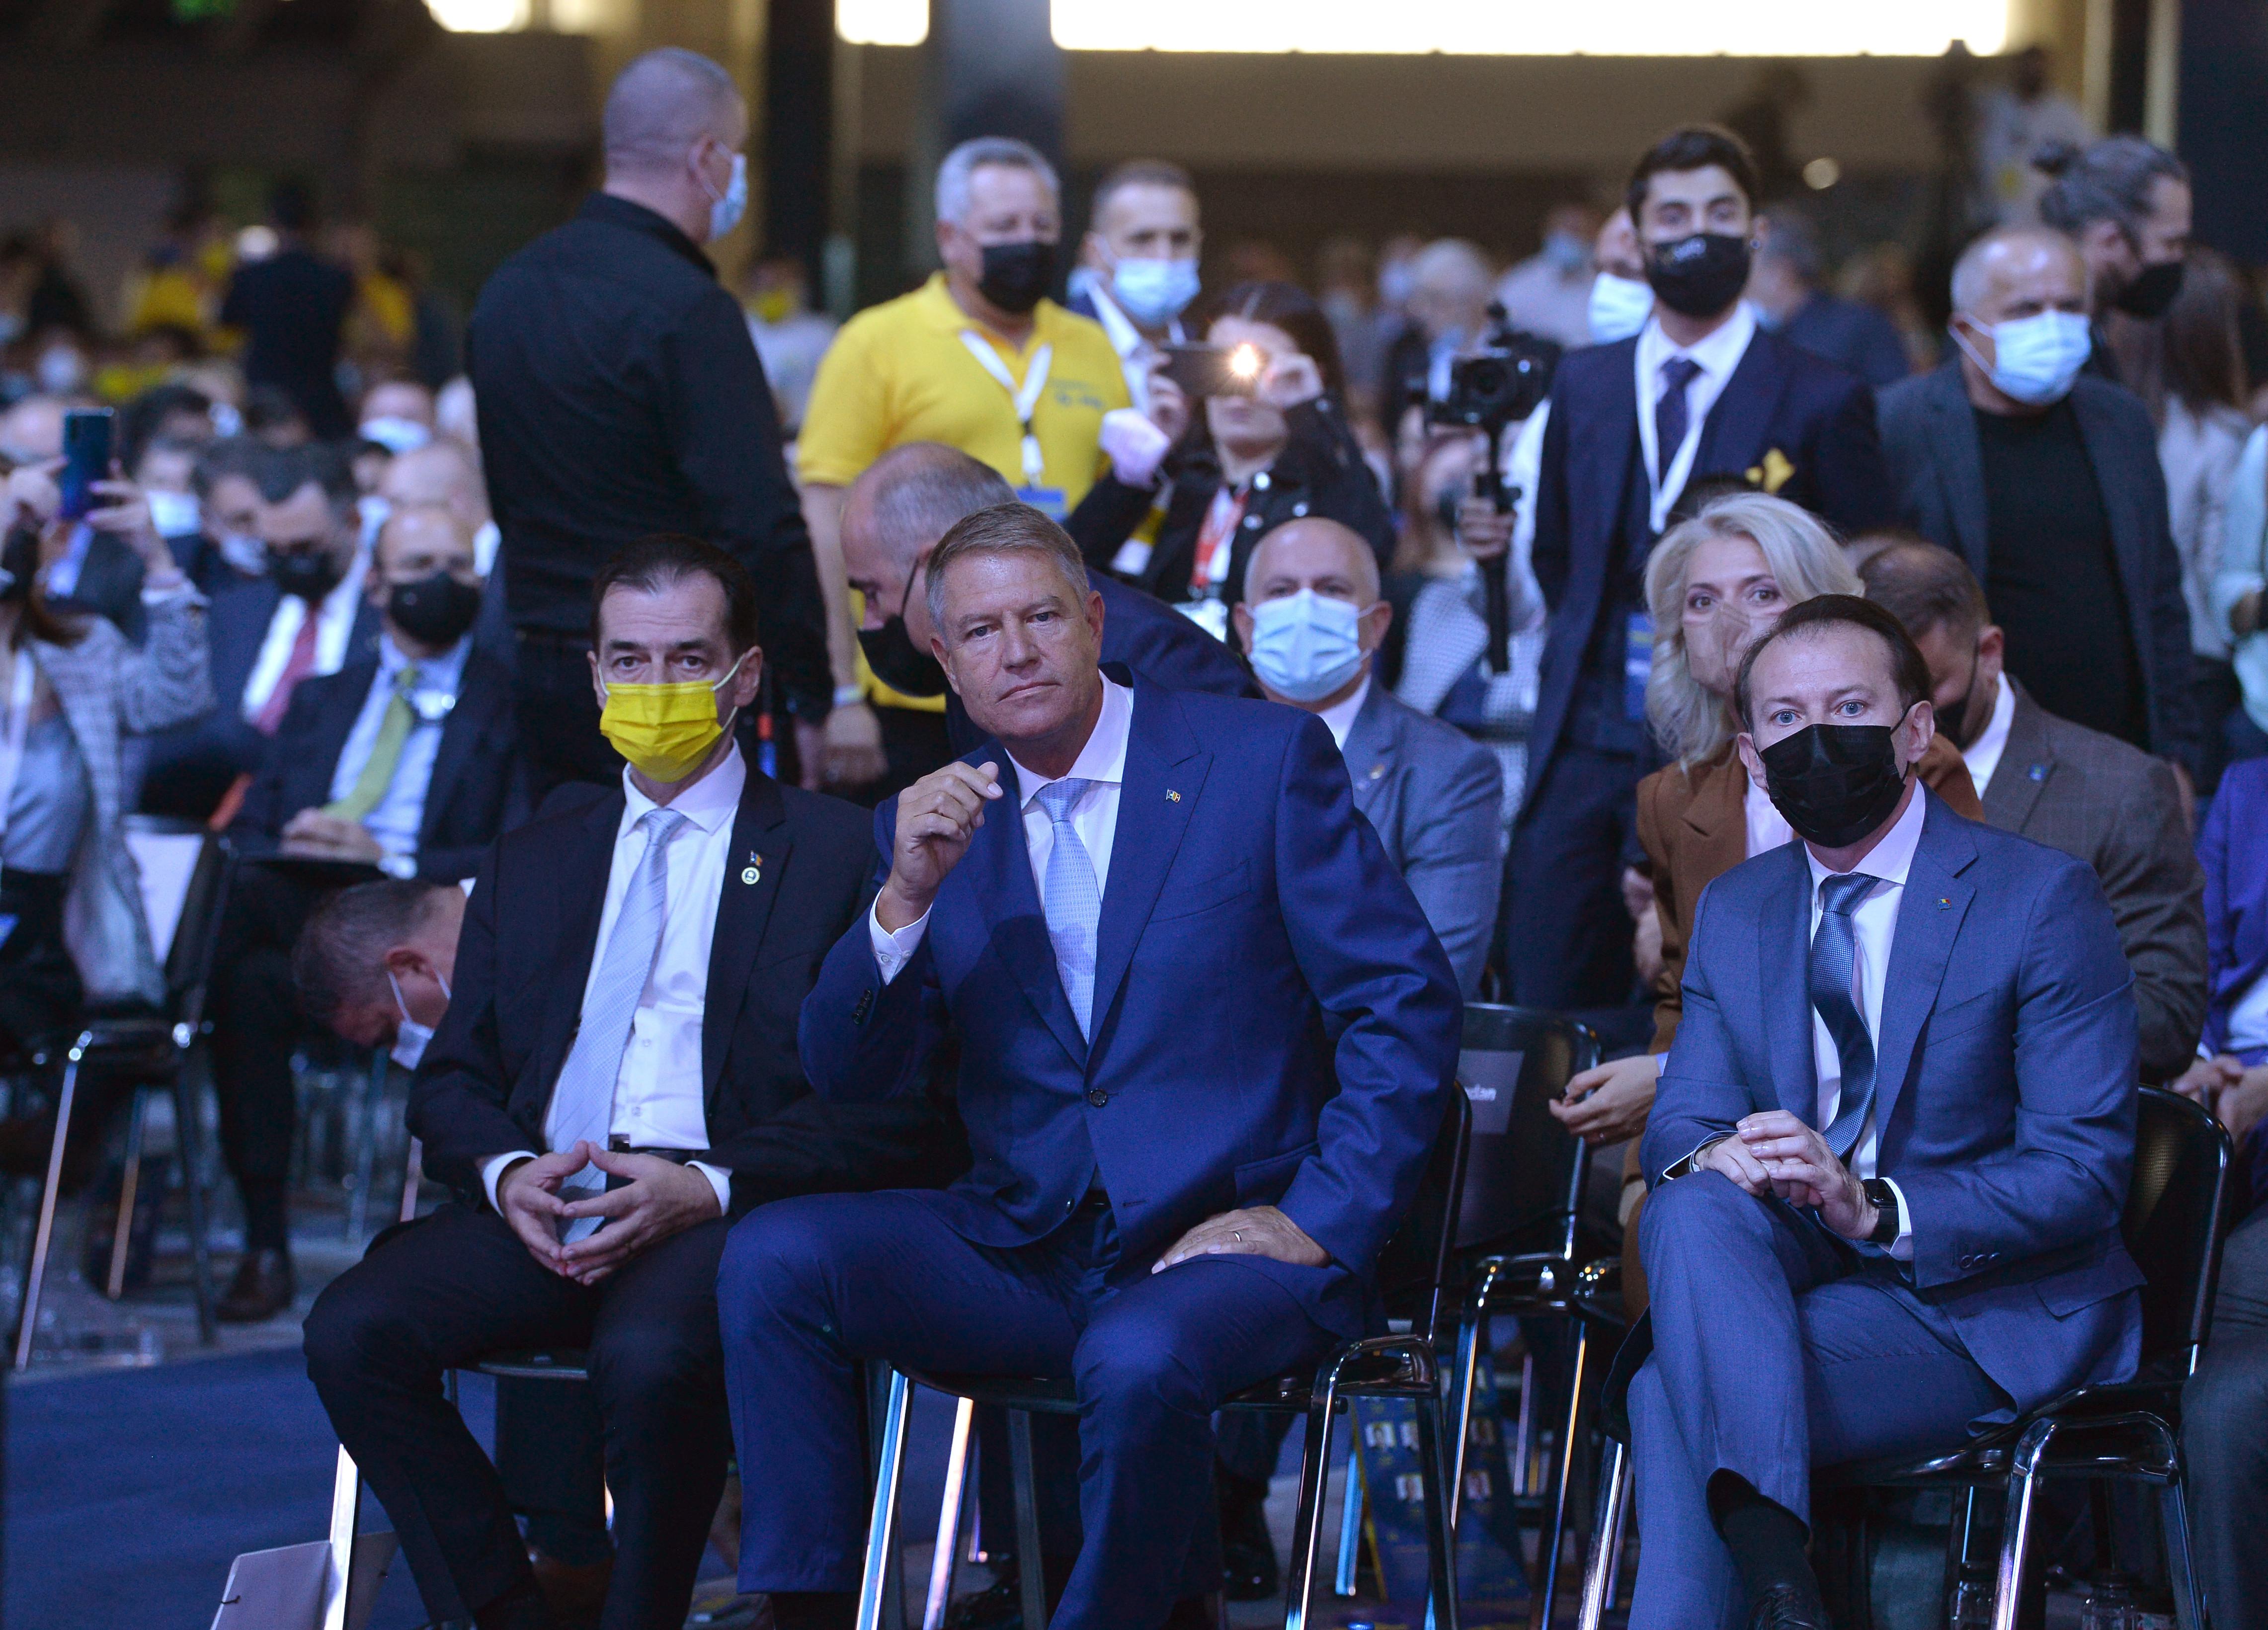 Președintele Iohannis, fără mască anti Covid-19 la congresul PNL cu 5000 de oameni